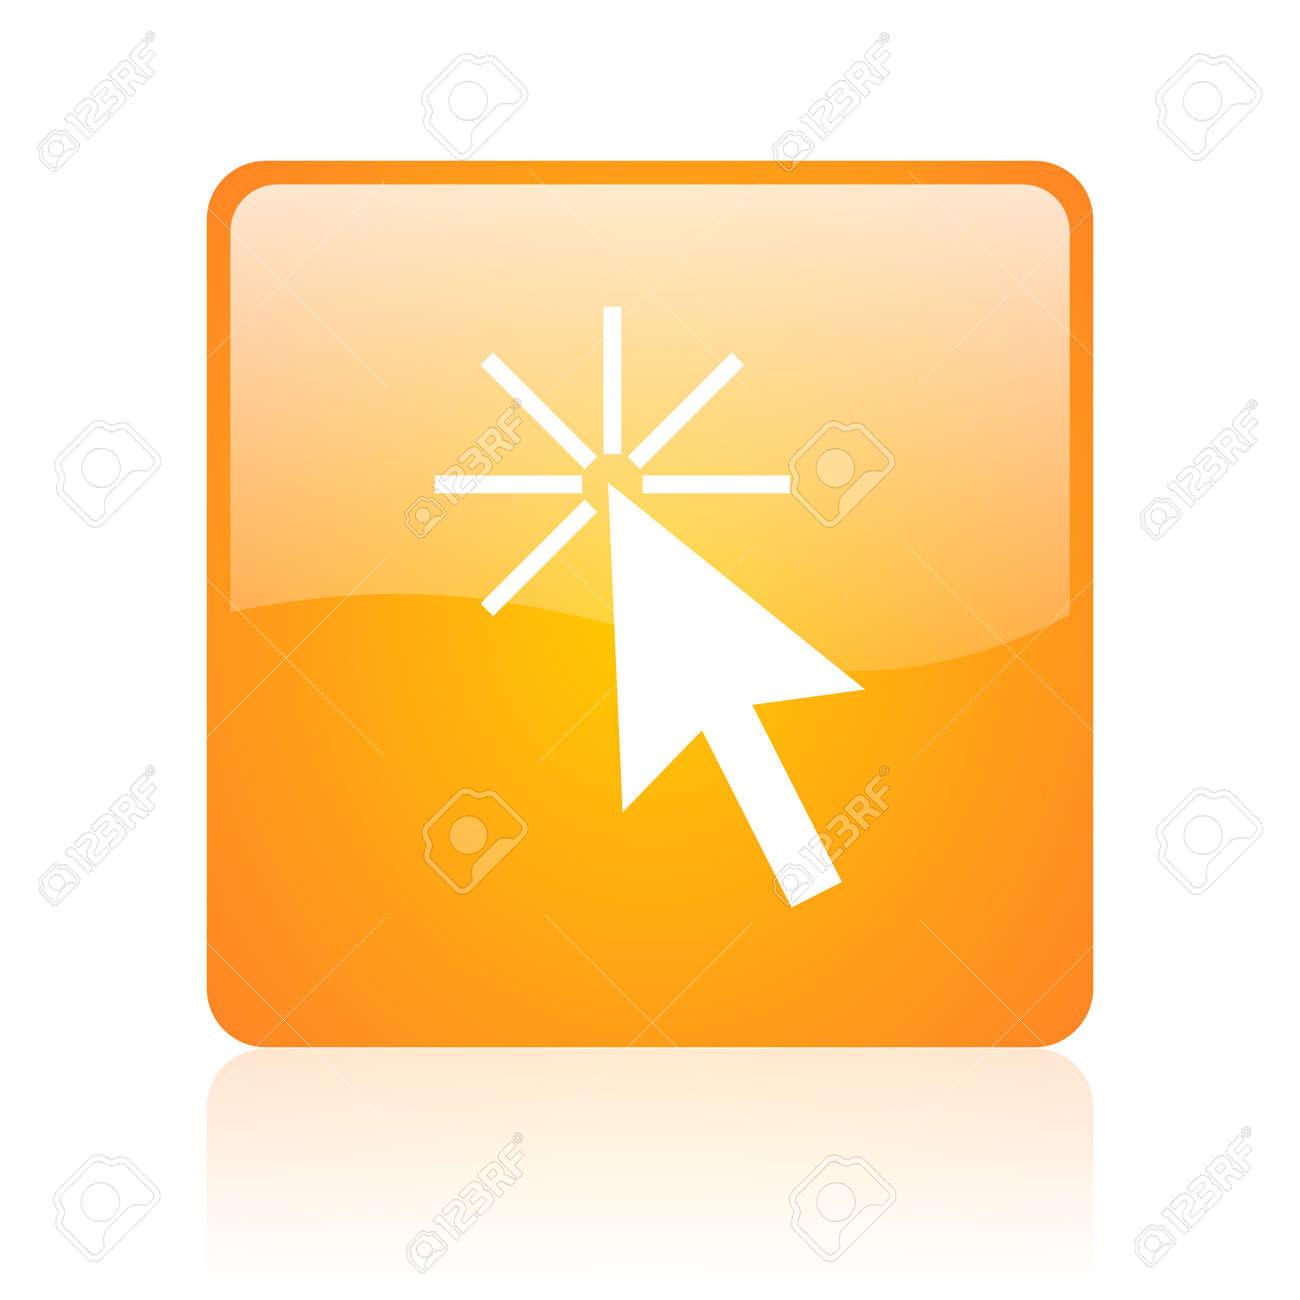 click here orange square glossy web icon Stock Photo - 18361029